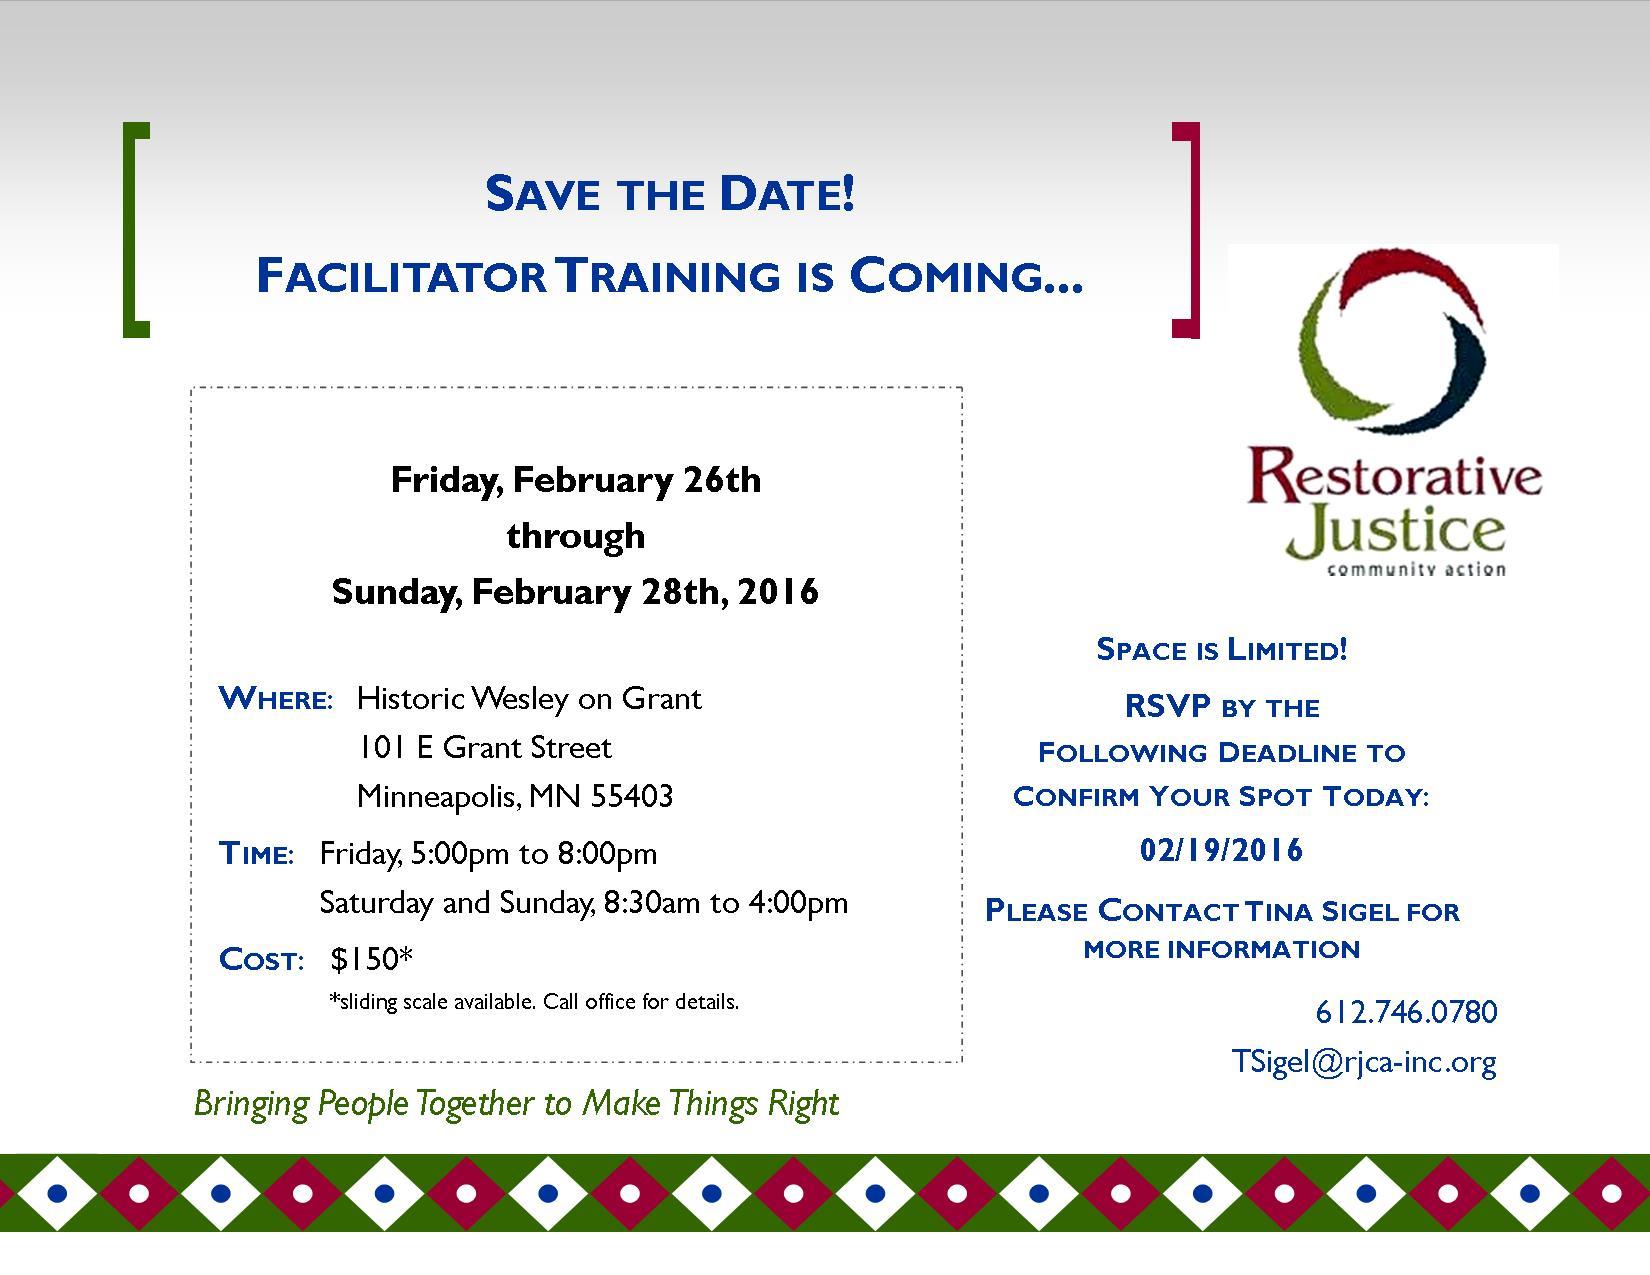 Save The Date Facilitation Training Feb 26-28, 2016